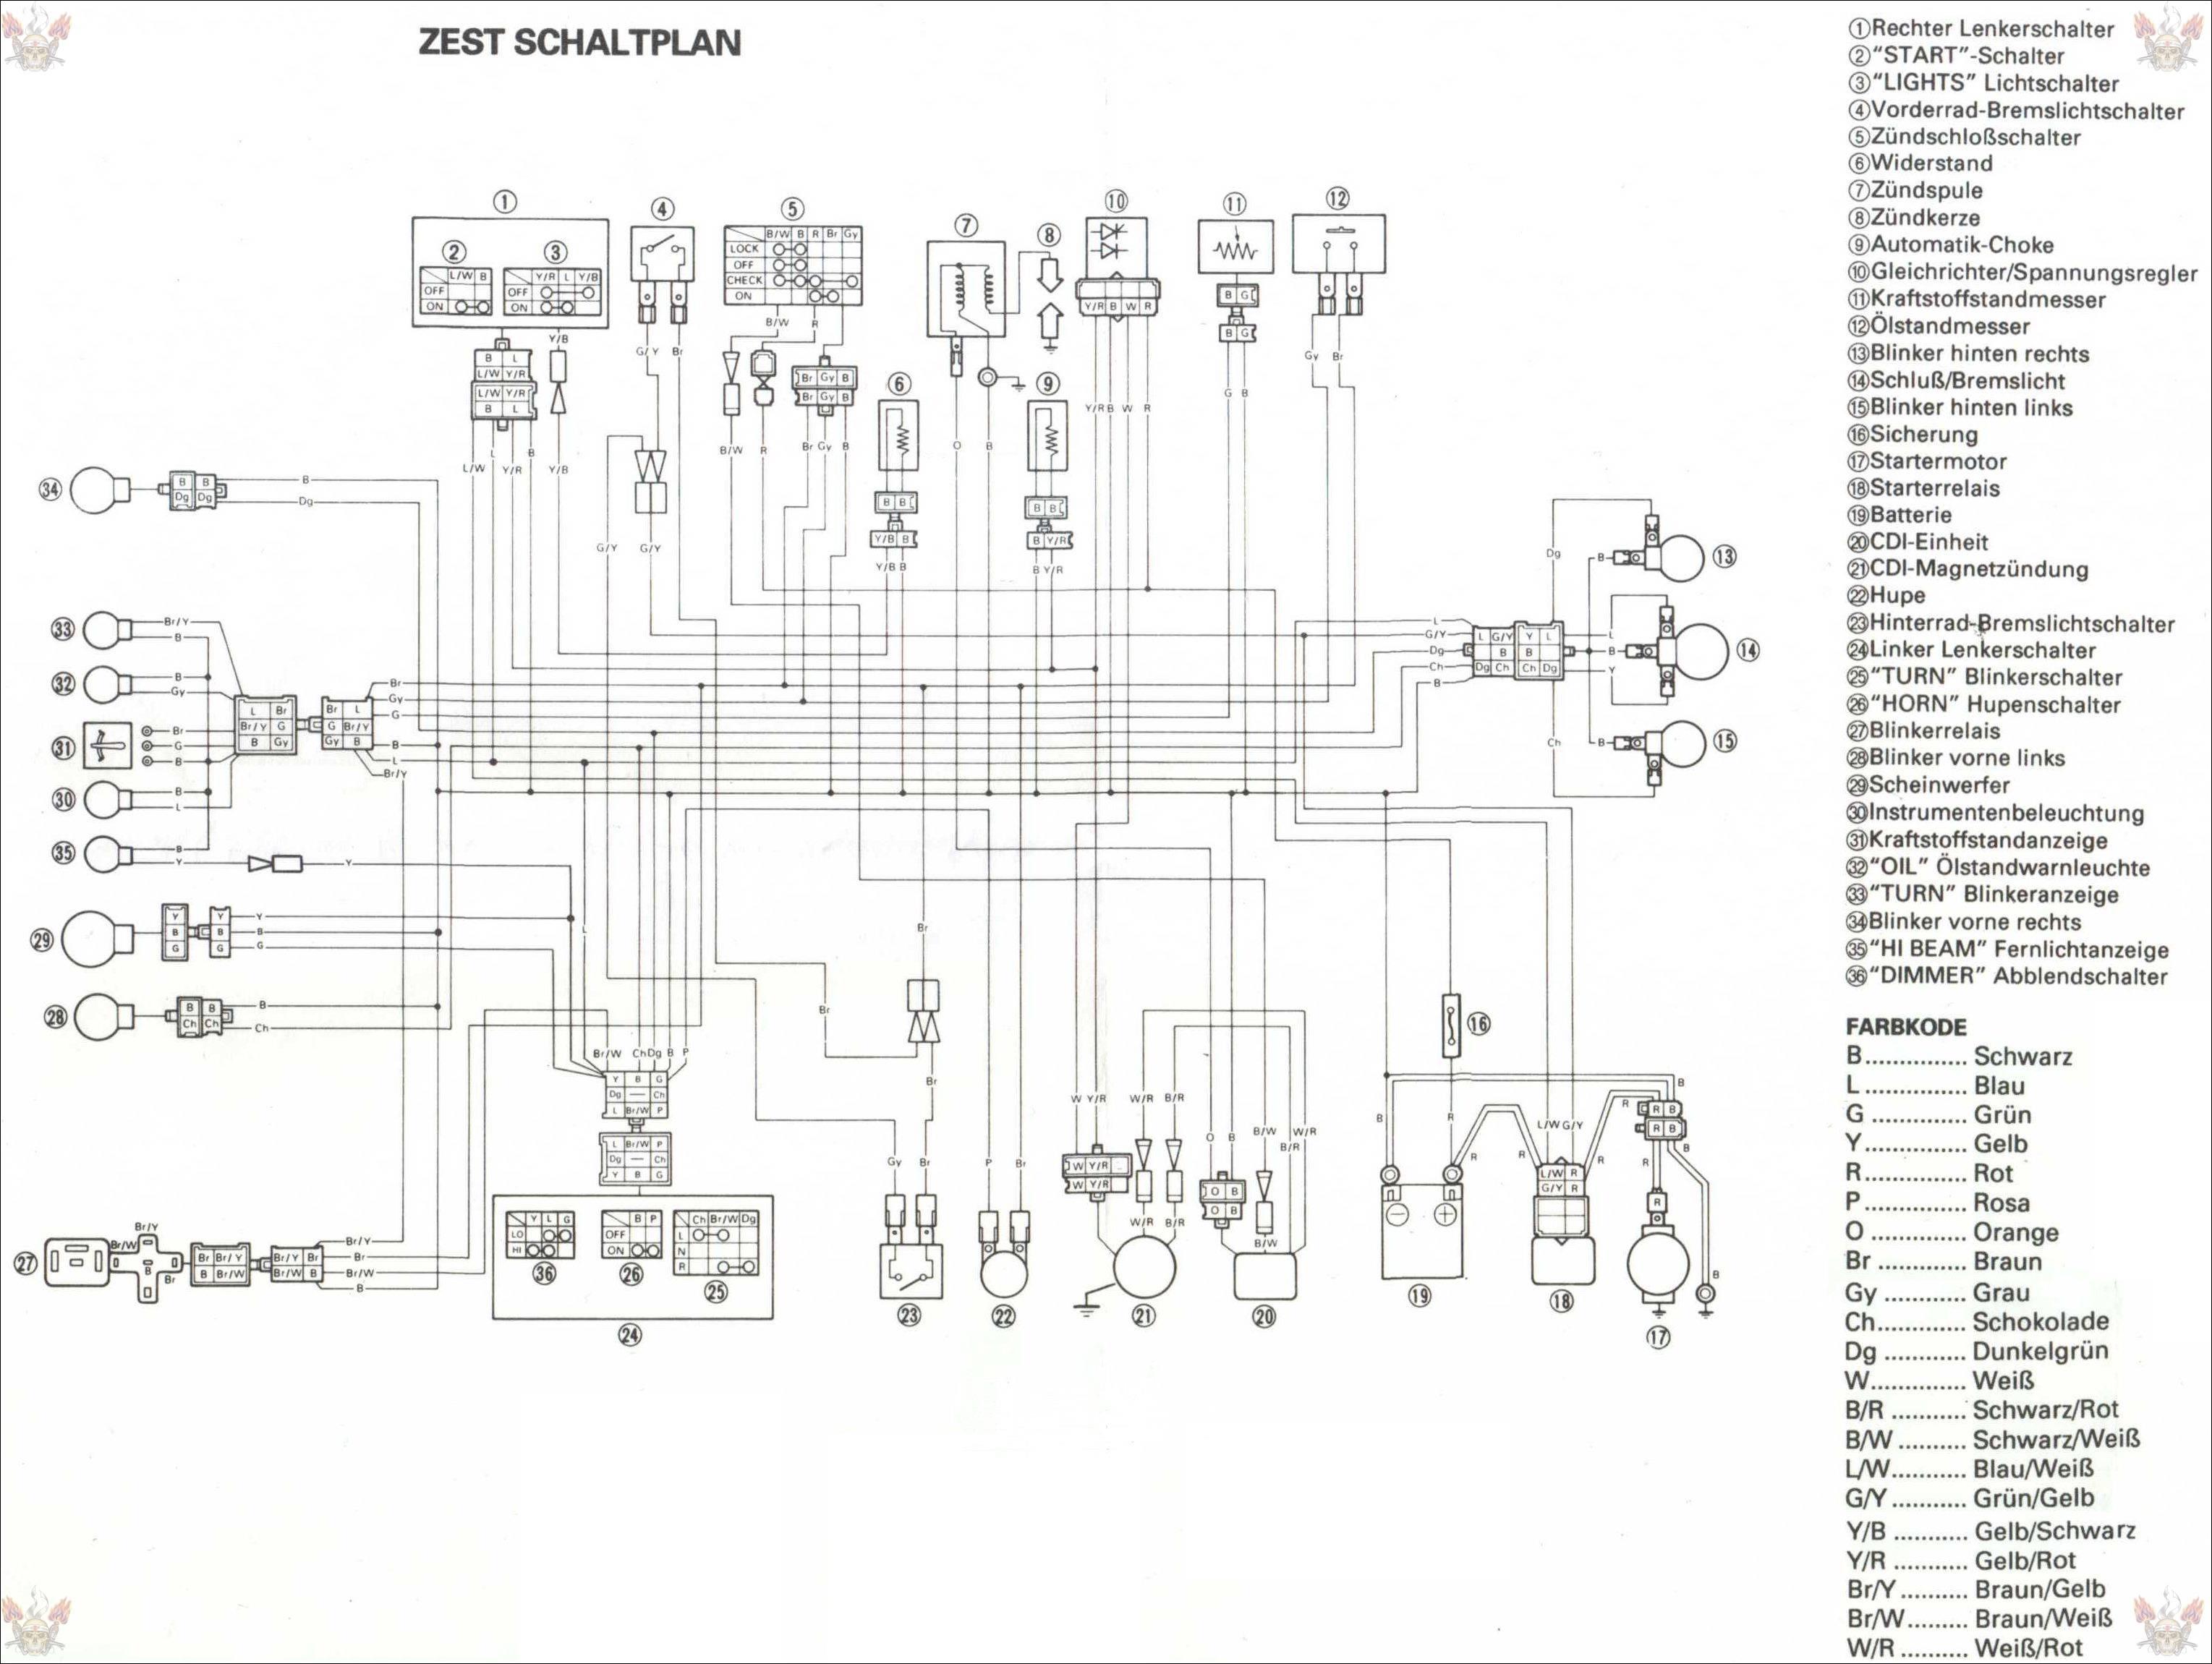 Схема электрооборудования Yamaha Zest 50.